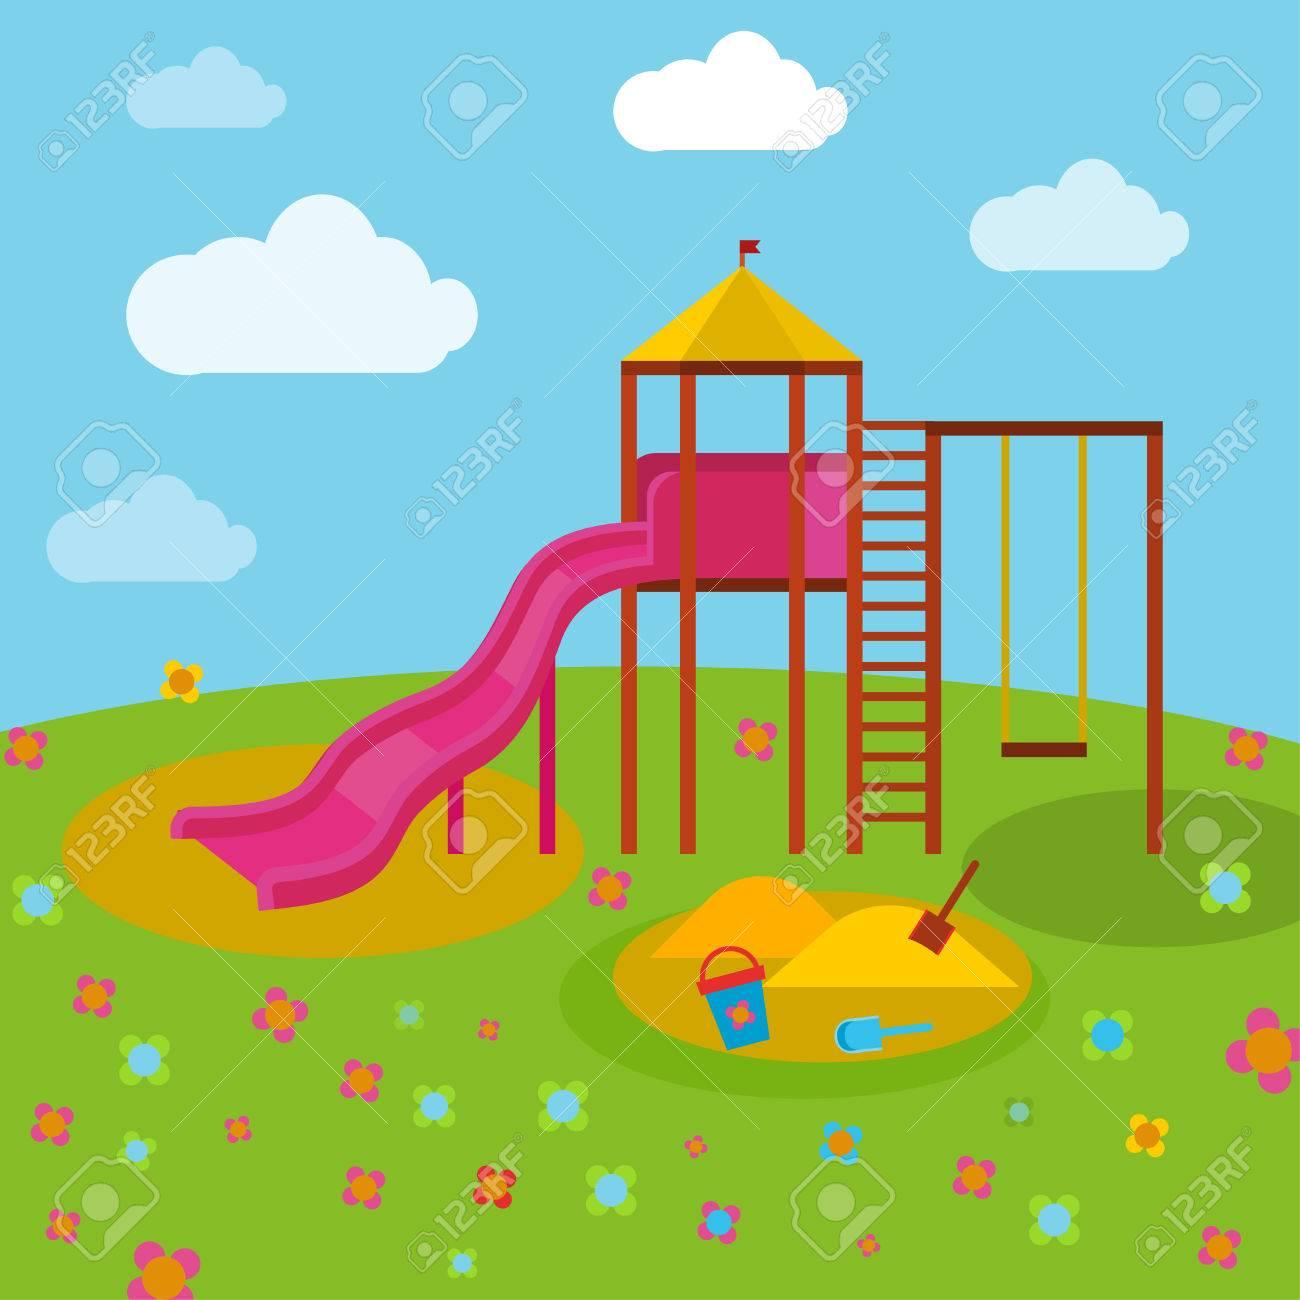 Hermoso Parque Infantil Ilustracion Del Vector En Colores Azules Verdes Amarillos Y Anaranjados Brillantes En E Parques Infantiles Estilos De Dibujo Parques